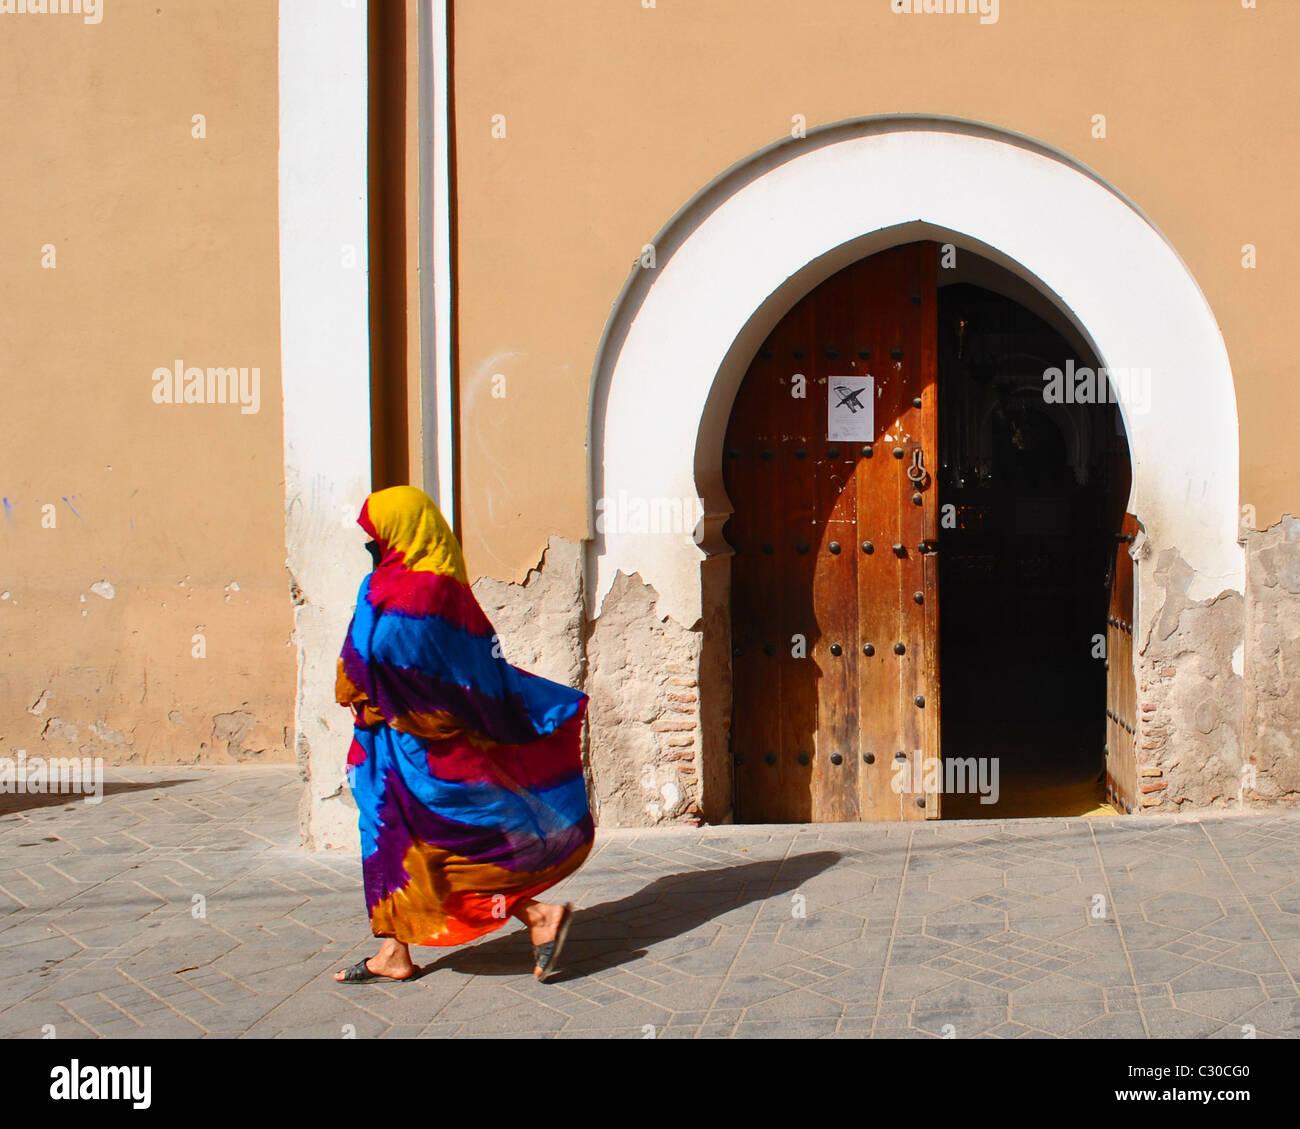 Donna con colori vivaci e fluenti jellaba oltrepassando una porta aperta in Taroudant, Marocco Immagini Stock